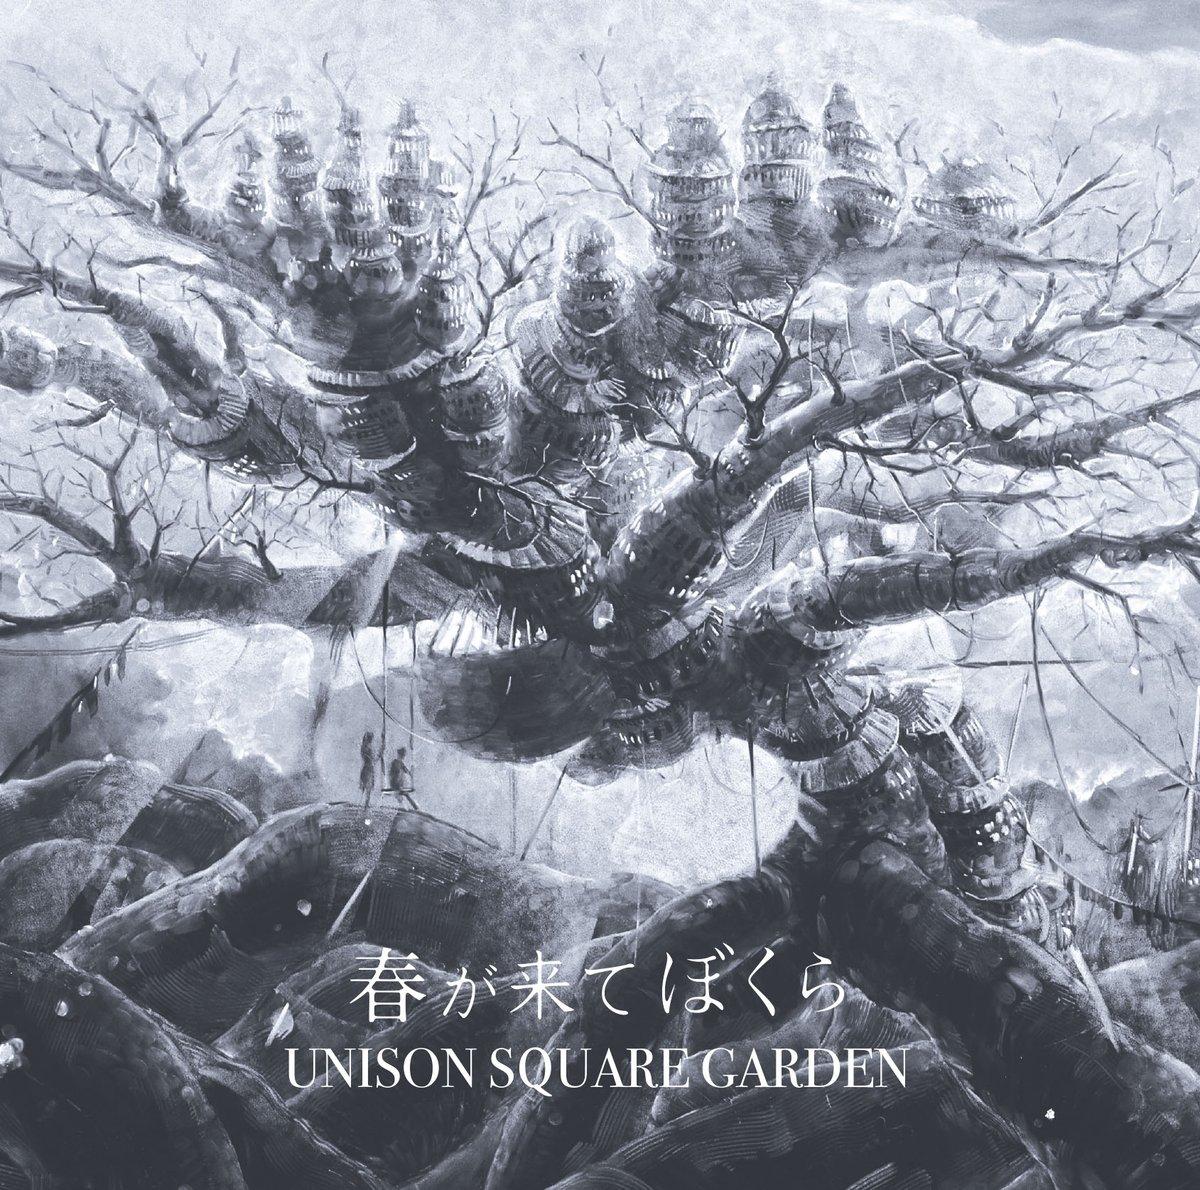 UNISON SQUARE GARDENニューシングル「春が来てぼくら」収録詳細を公開! unison-s-g.com/news/